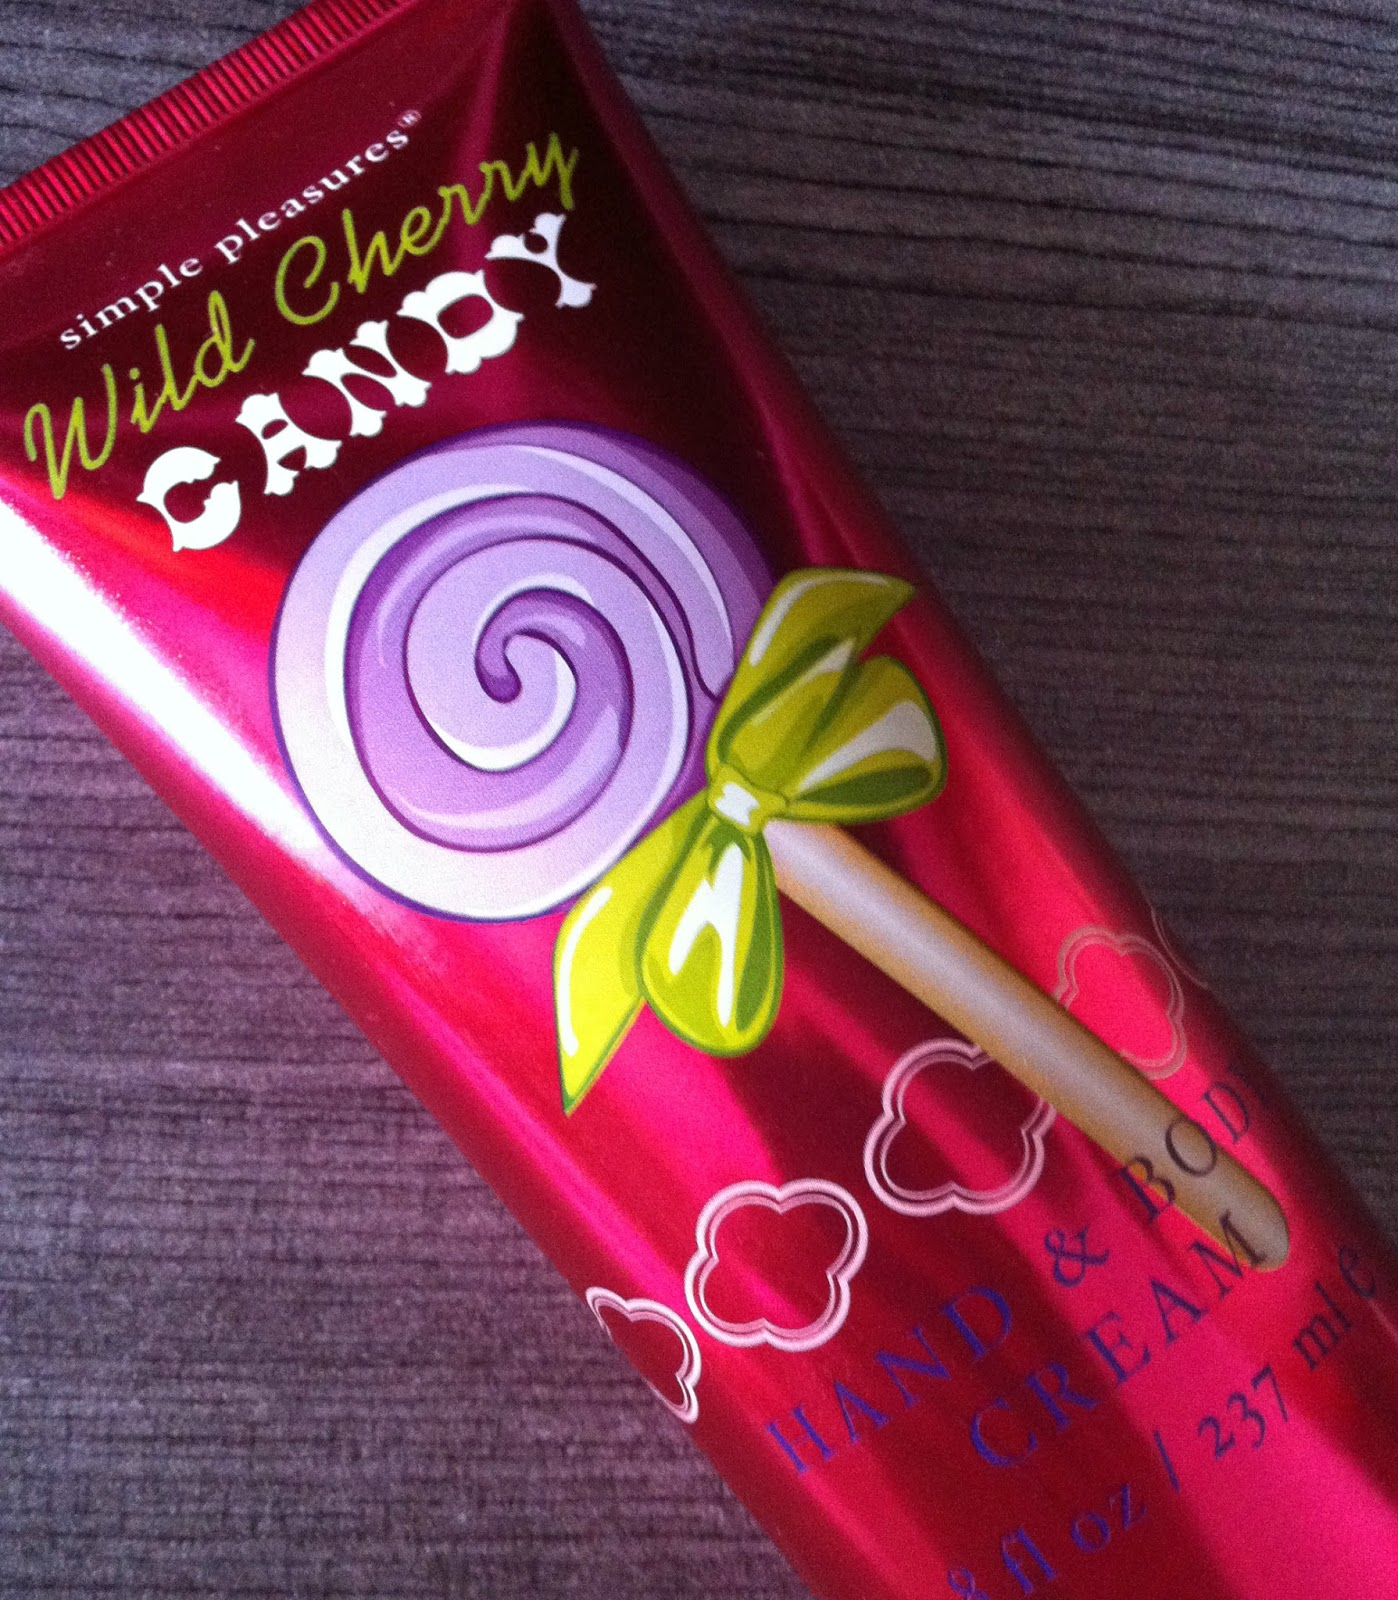 Słodkości które nie tuczą?? Poproszę o więcej takich ;)